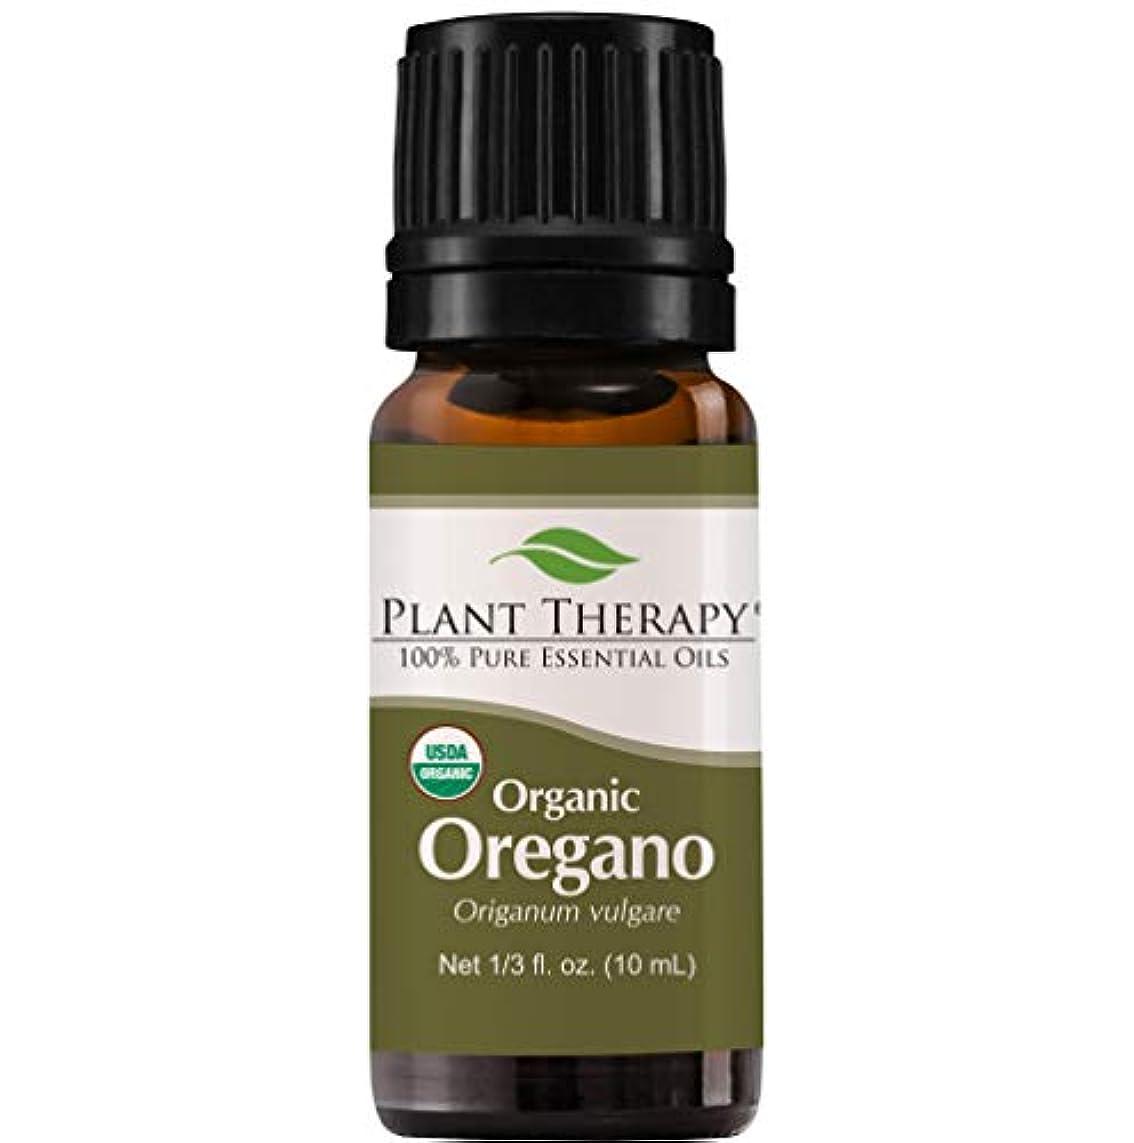 感謝祭レッスン湿気の多いUSDA Certified Organic Oregano Essential Oil. 10 ml (1/3 oz). 100% Pure, Undiluted, Therapeutic Grade. by Plant...